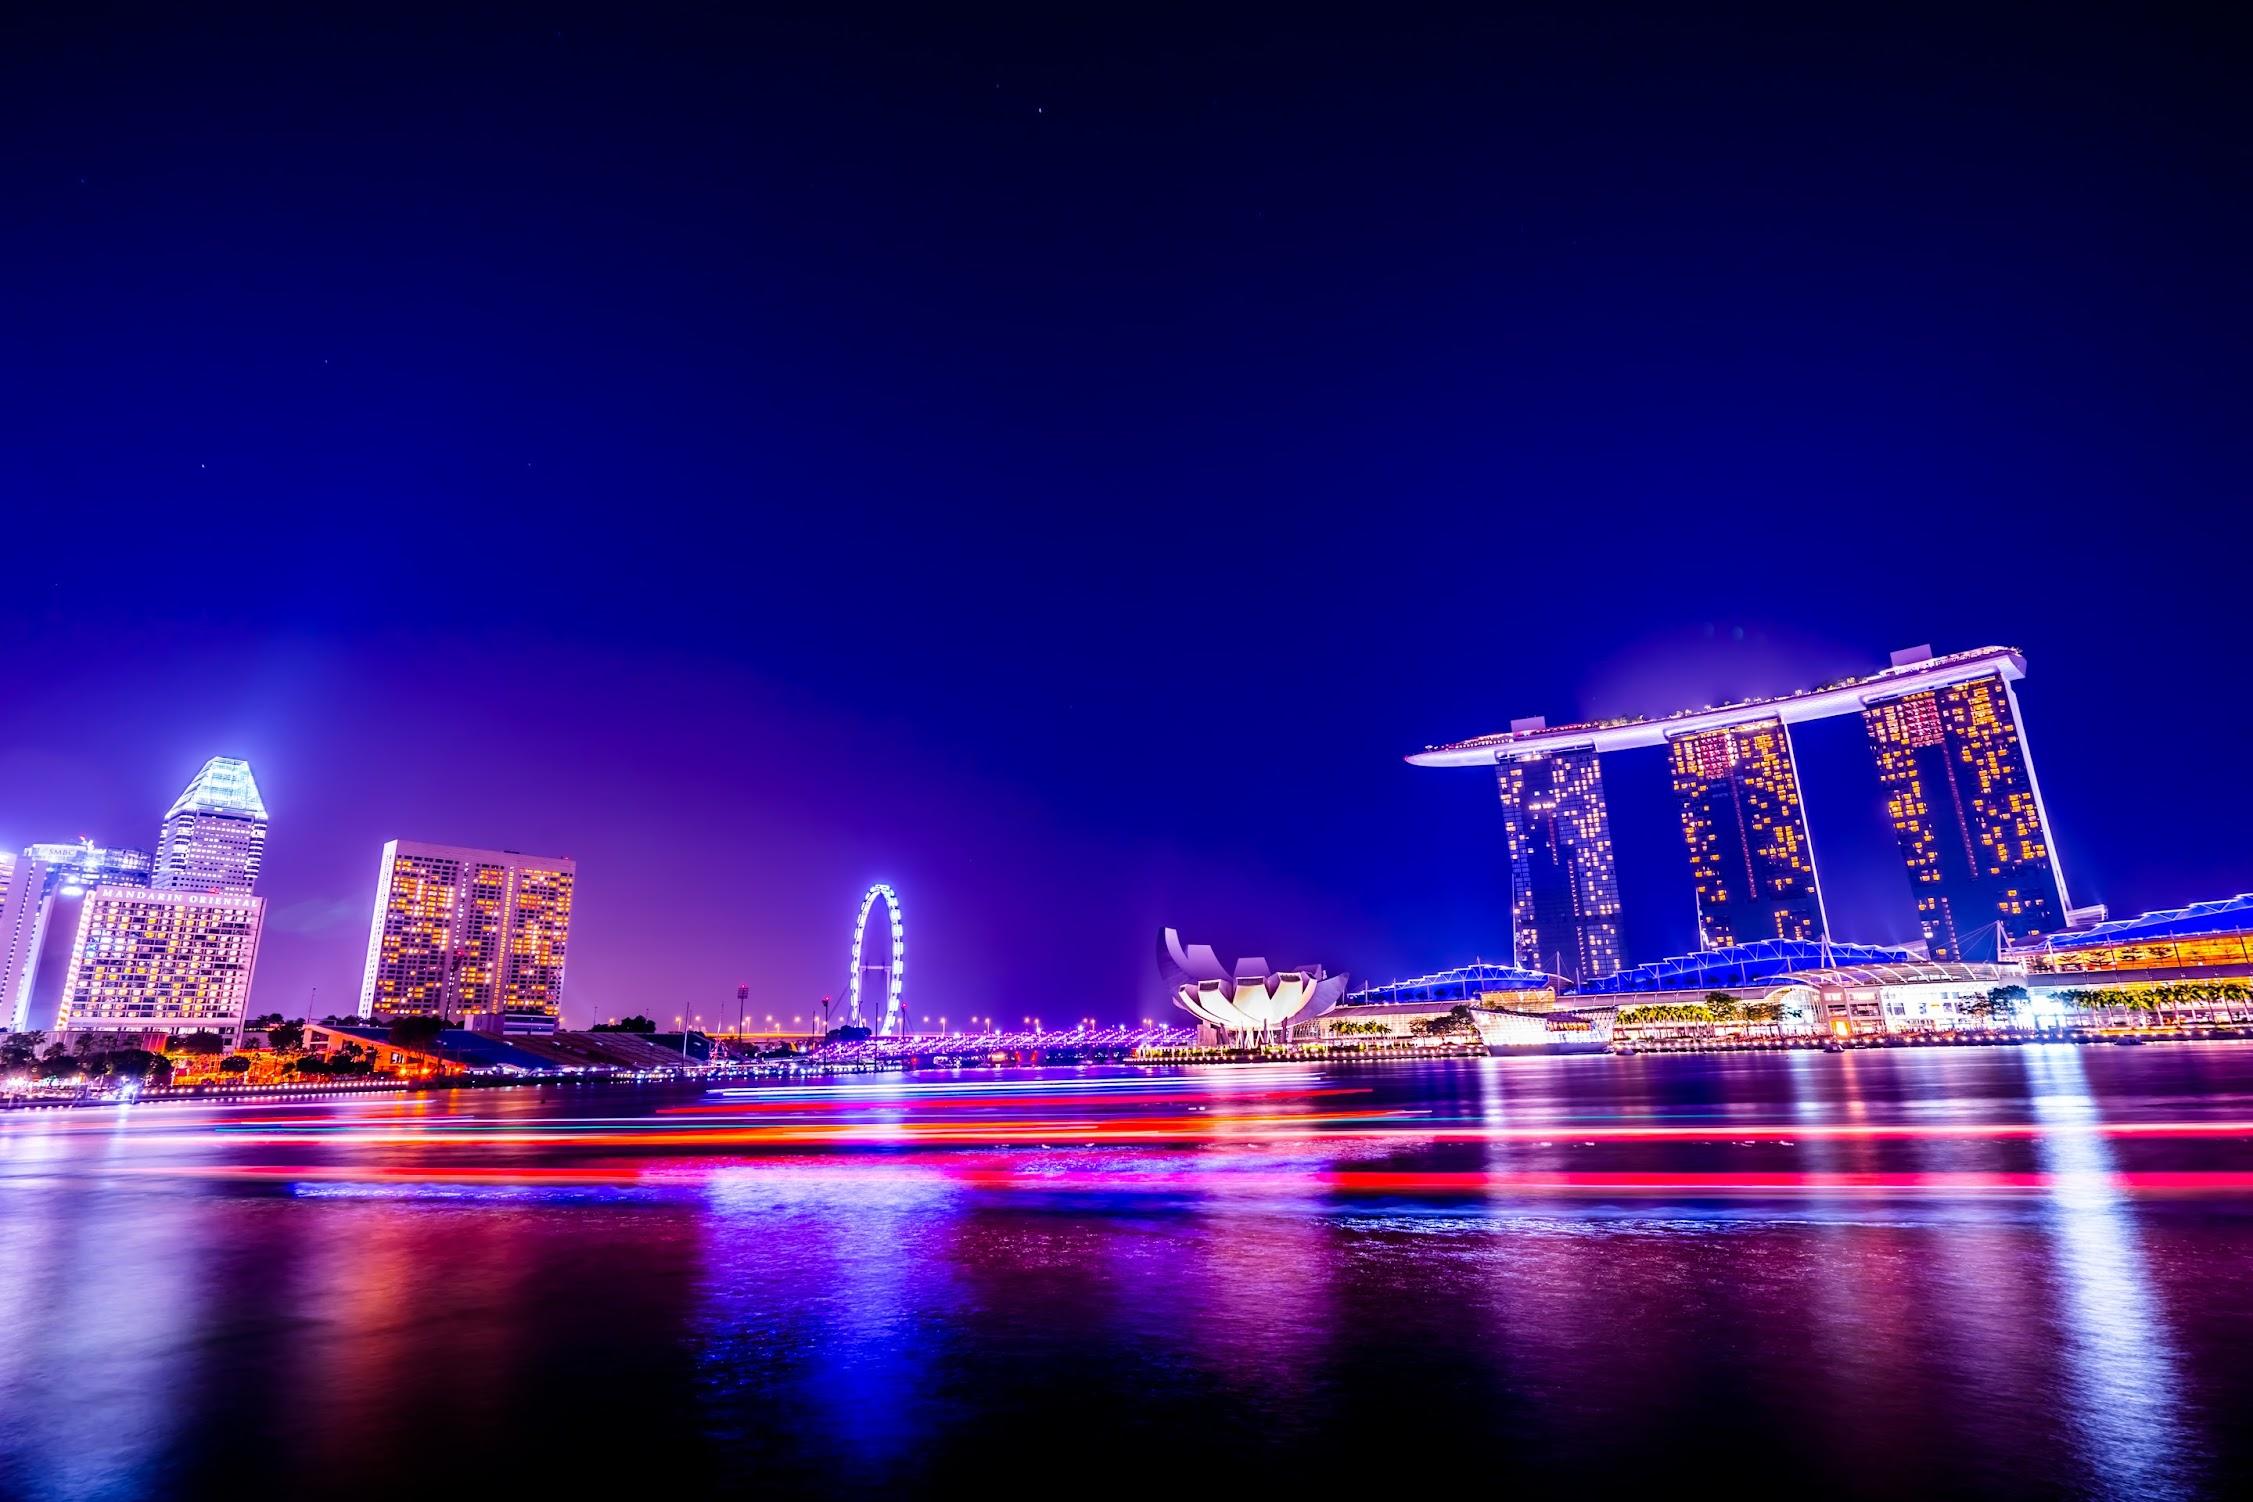 シンガポール マリーナ・ベイ・サンズ 夜景3